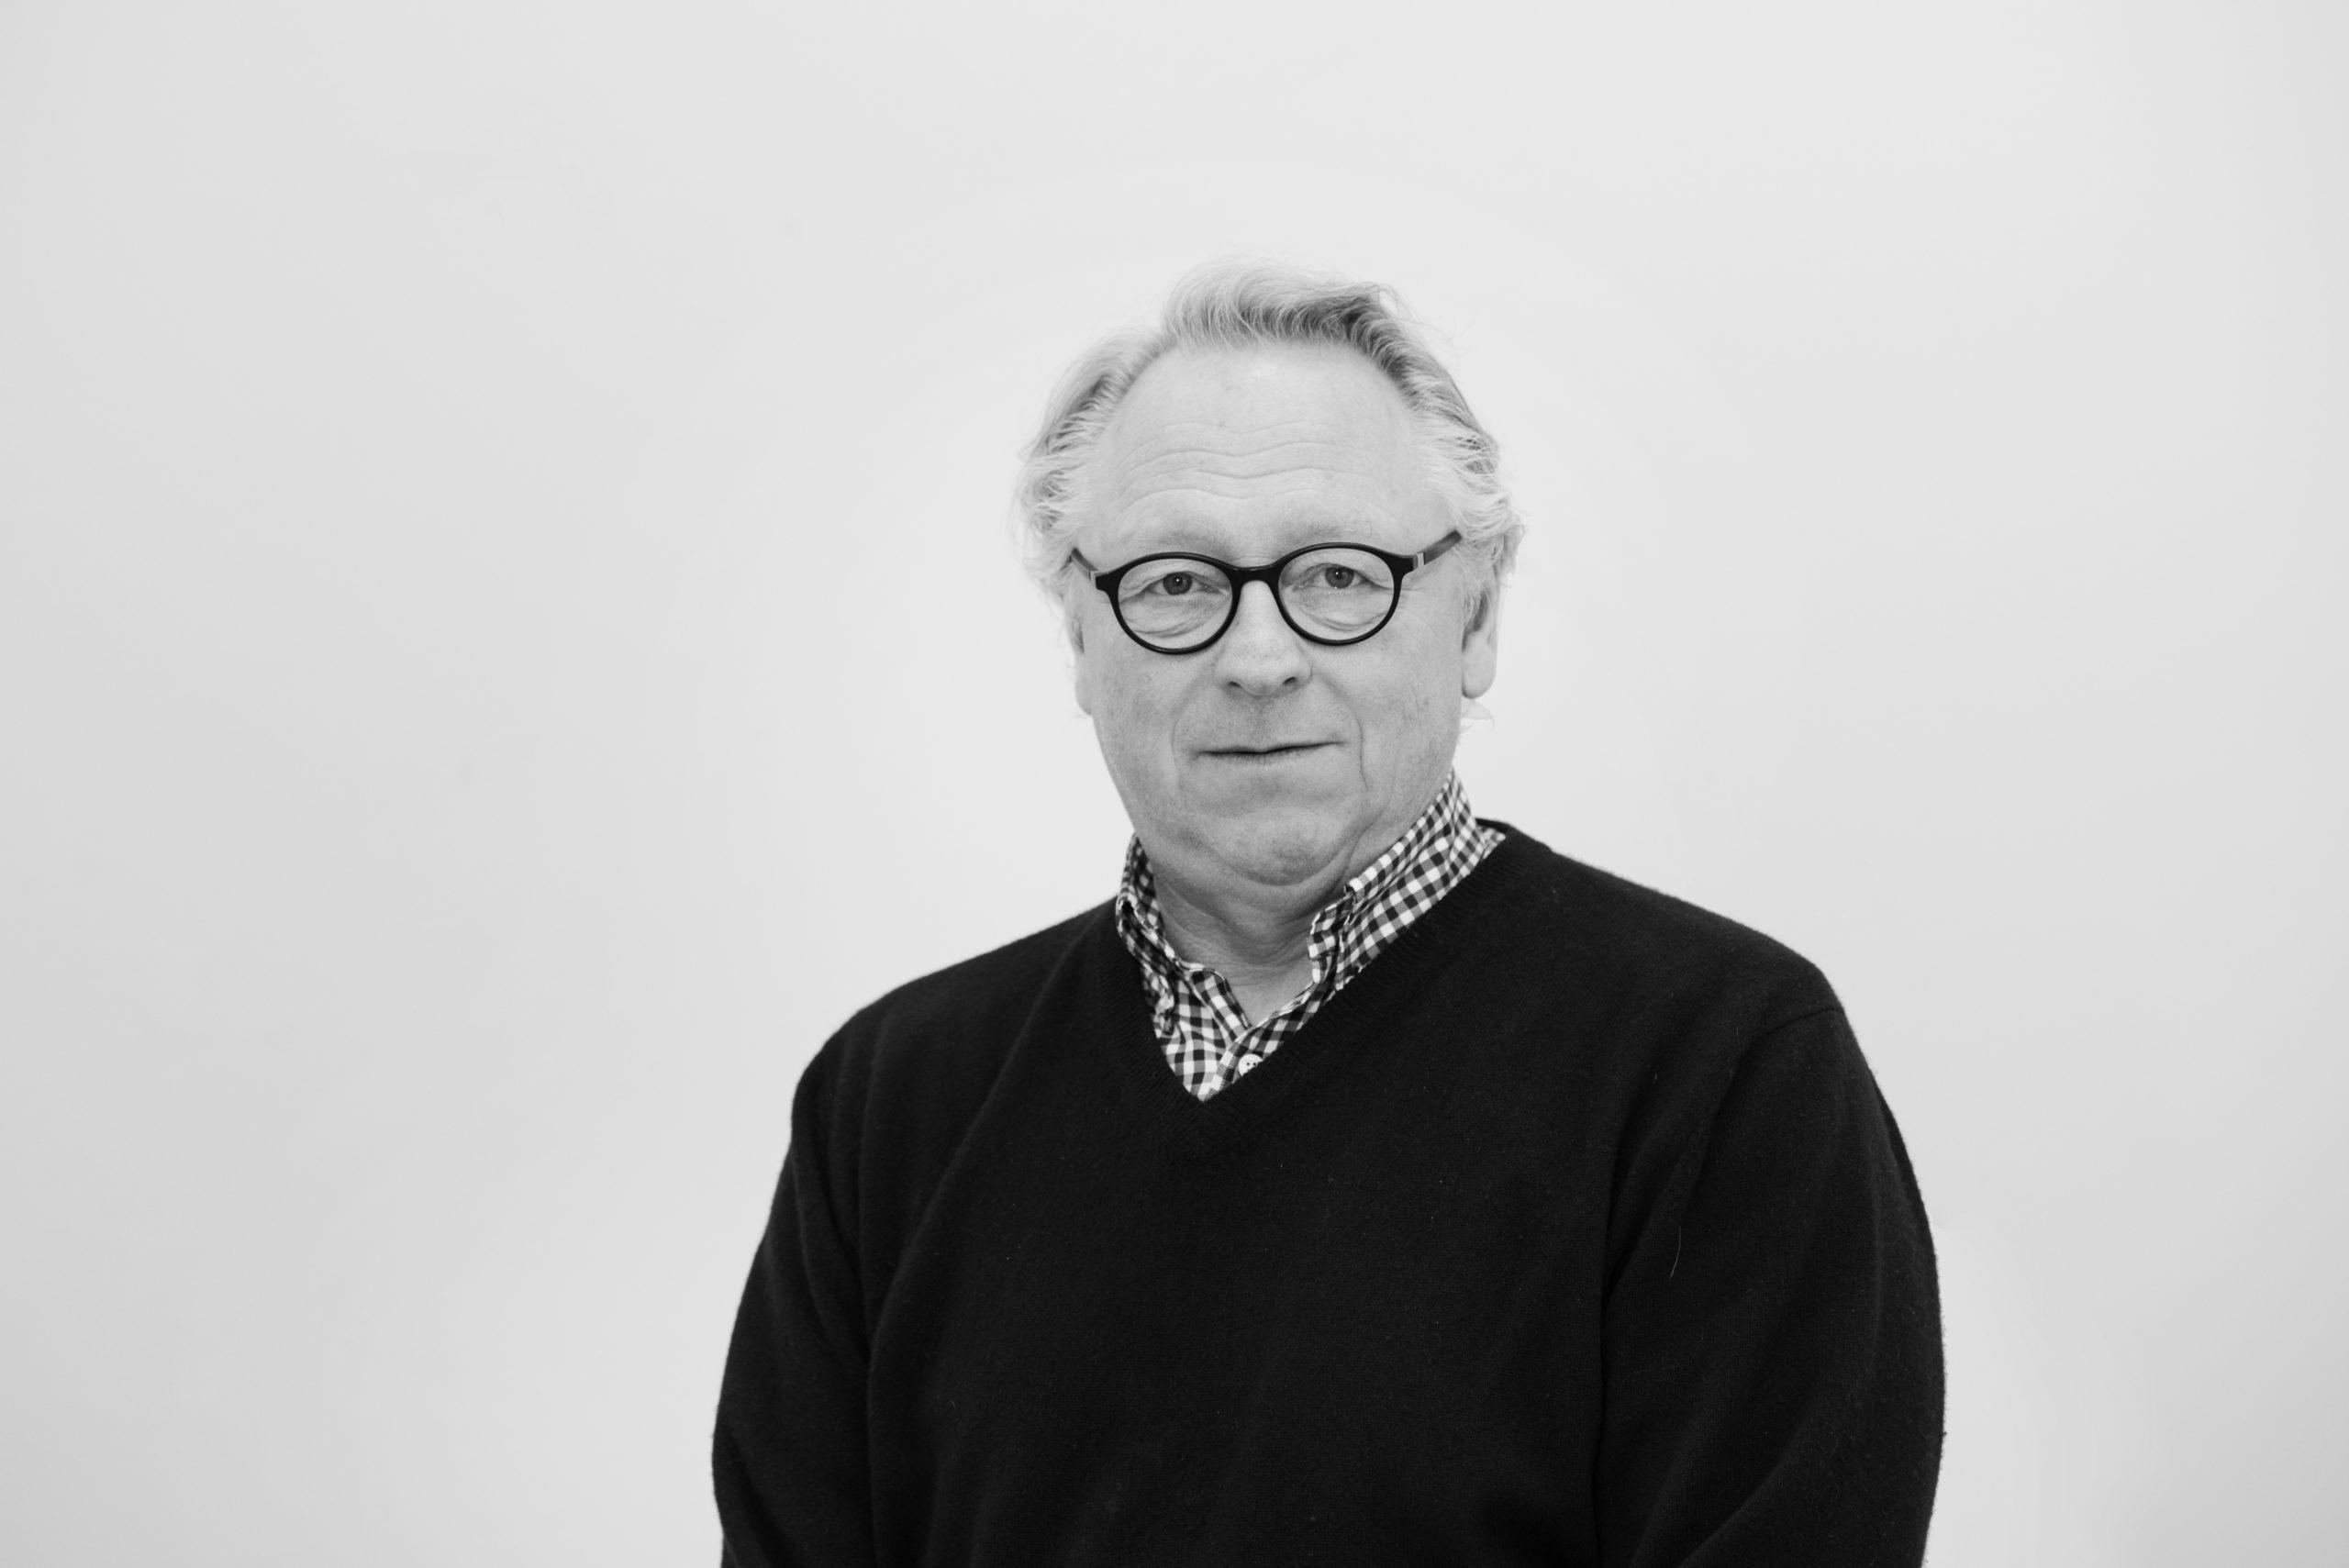 Hans Petter Biørnstad